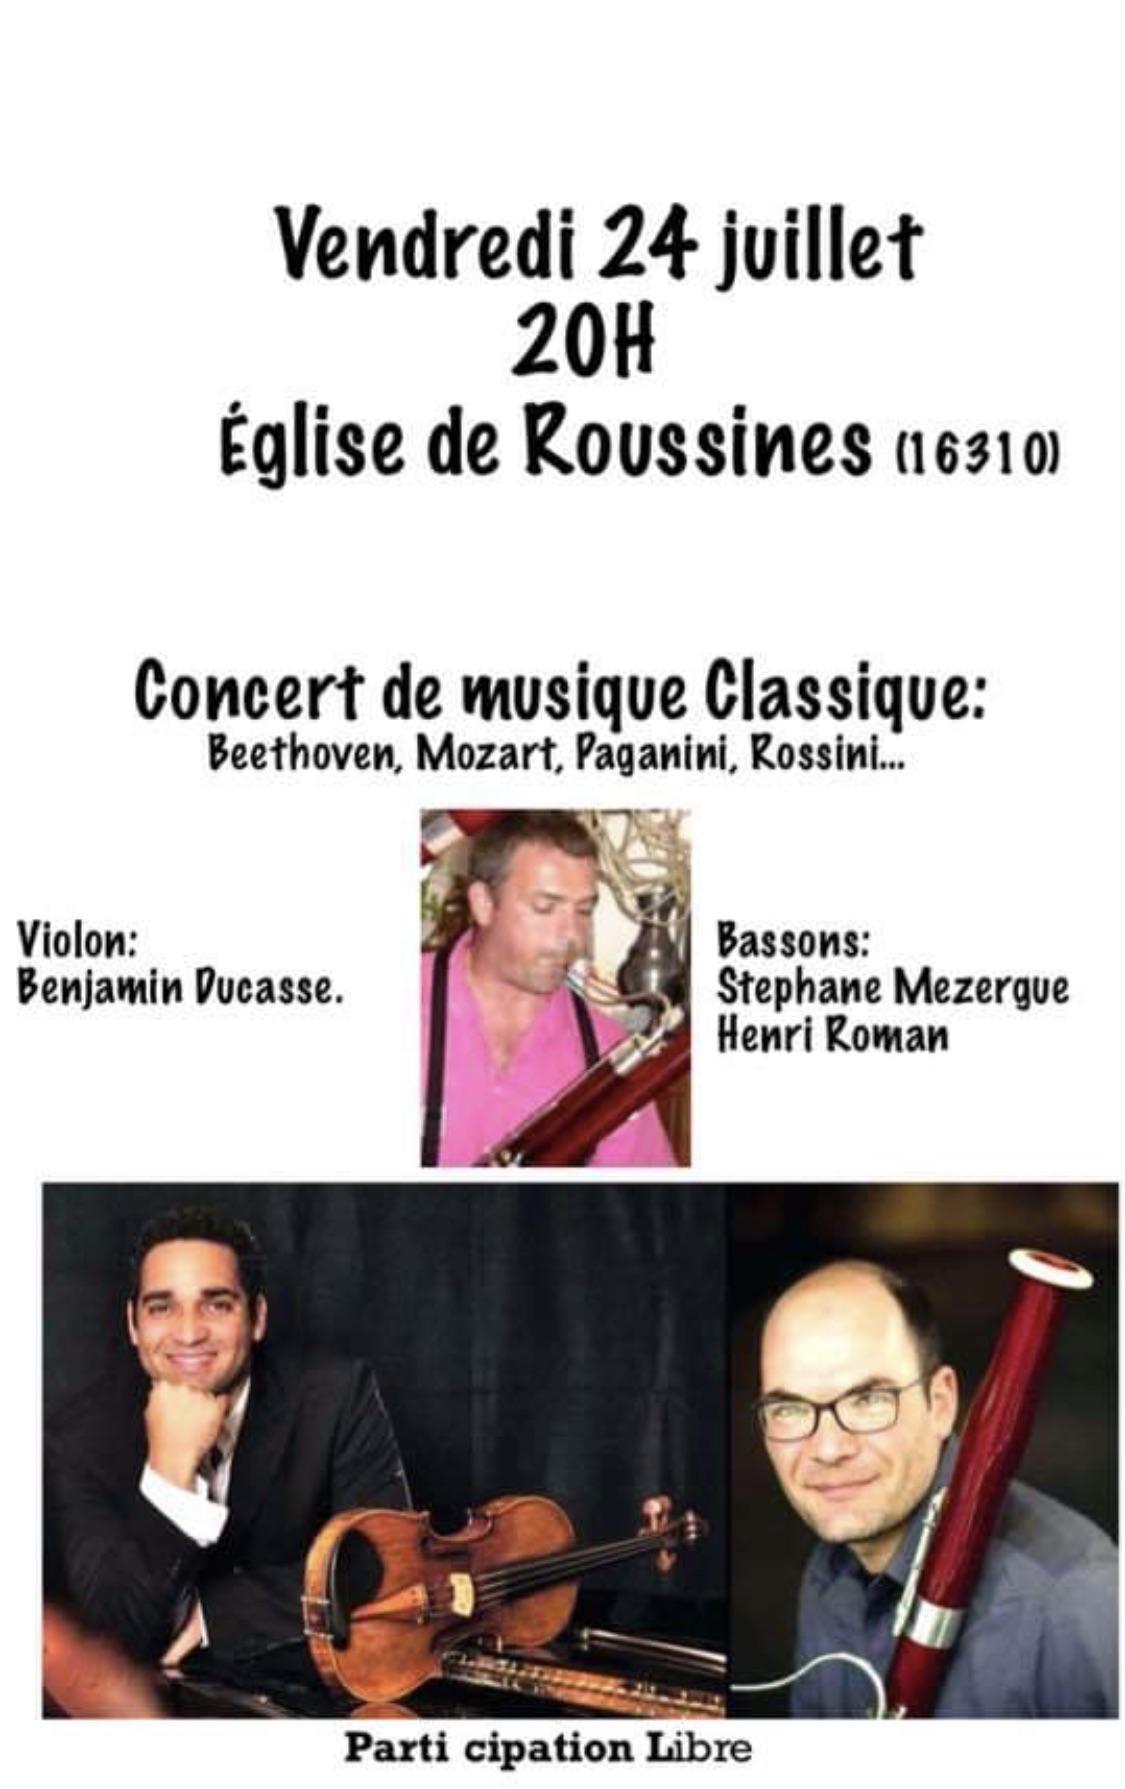 Concert le 24 juillet à l'église de Roussines (16310)